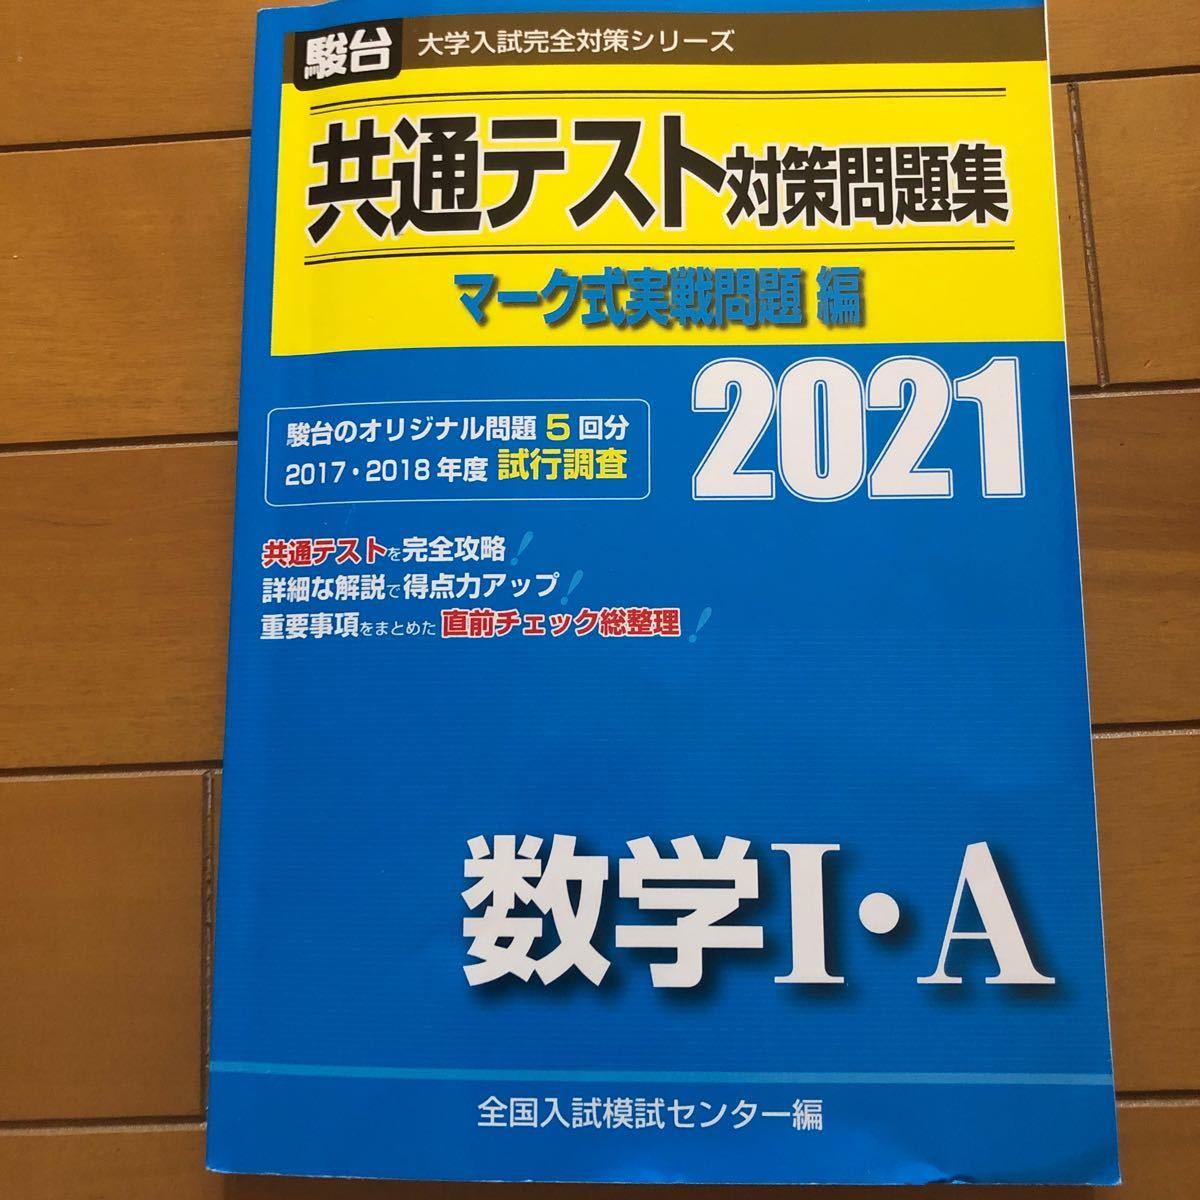 共通テスト対策問題集マーク式実戦問題編数学1A 2021年版/全国入試模試センター